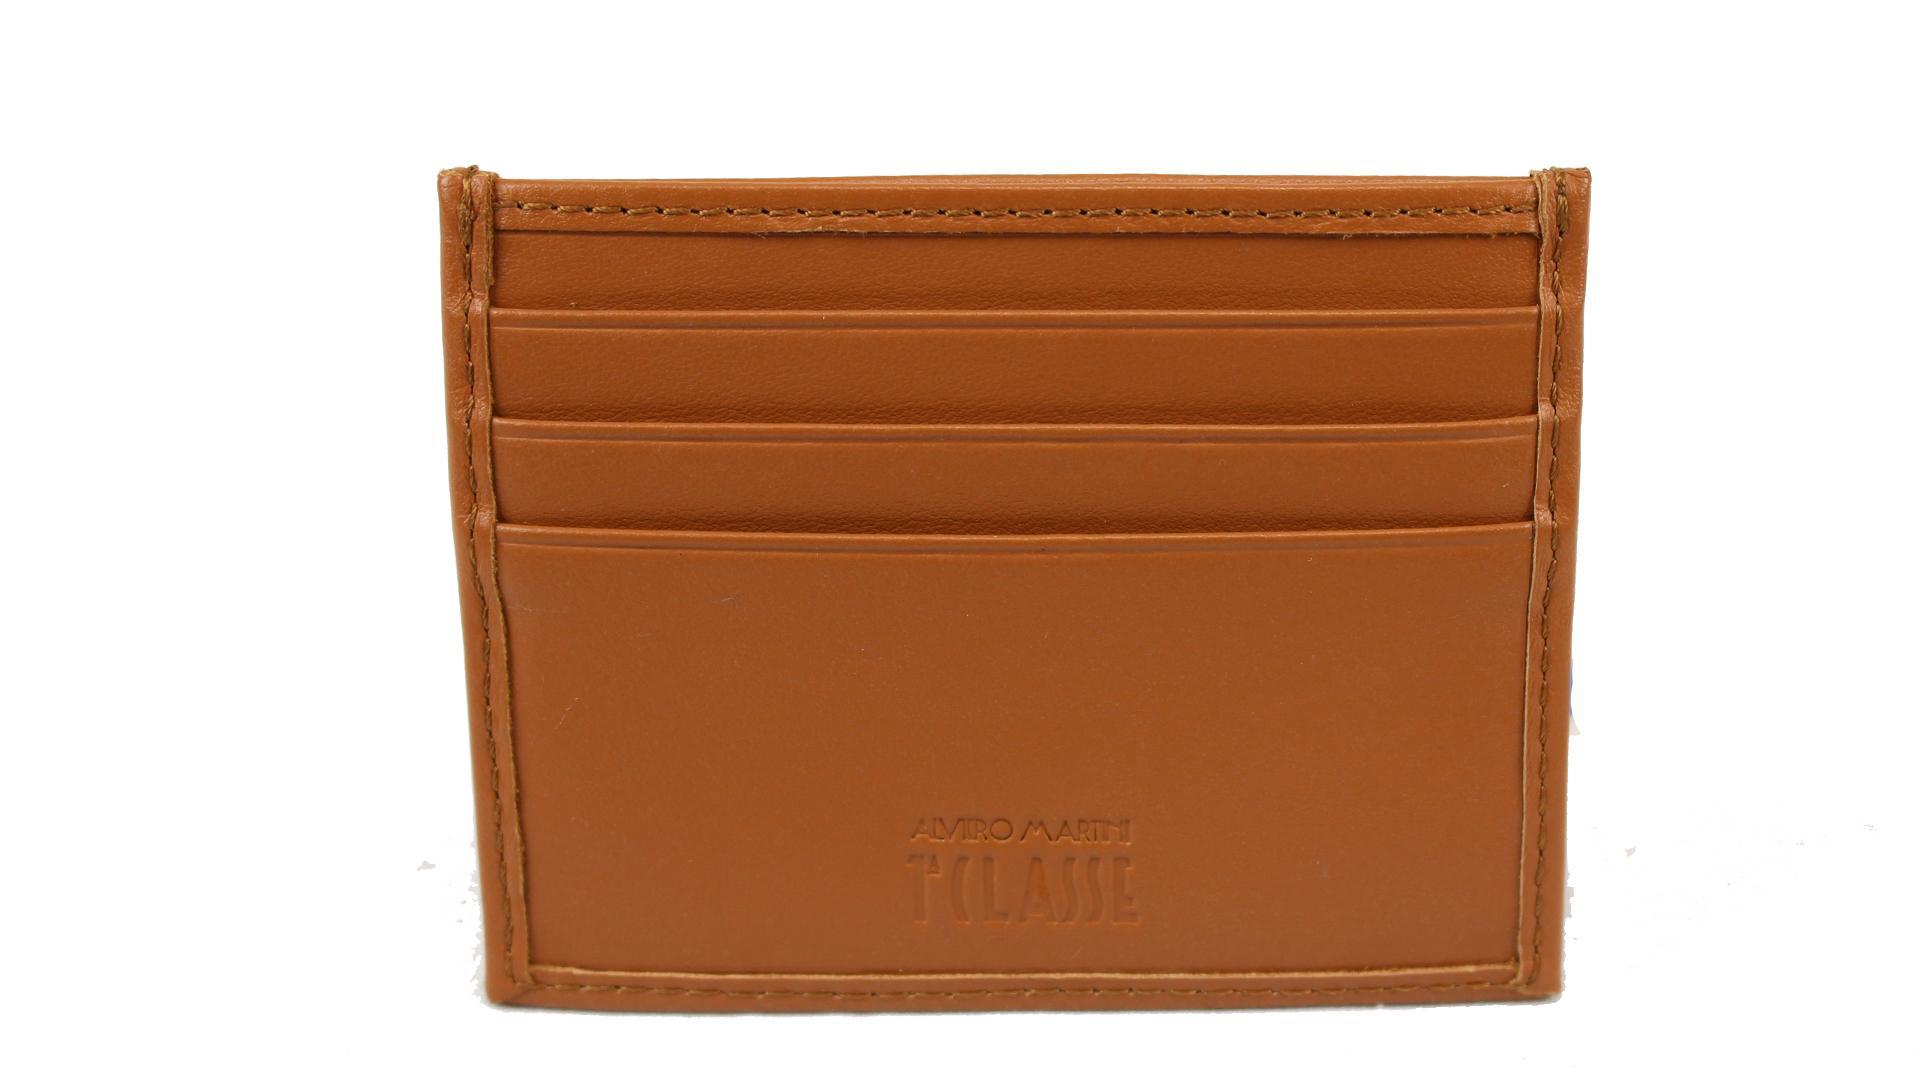 Porta carte di credito Alviero Martini 1A Classe Continuativo W316 6000 010 Classico